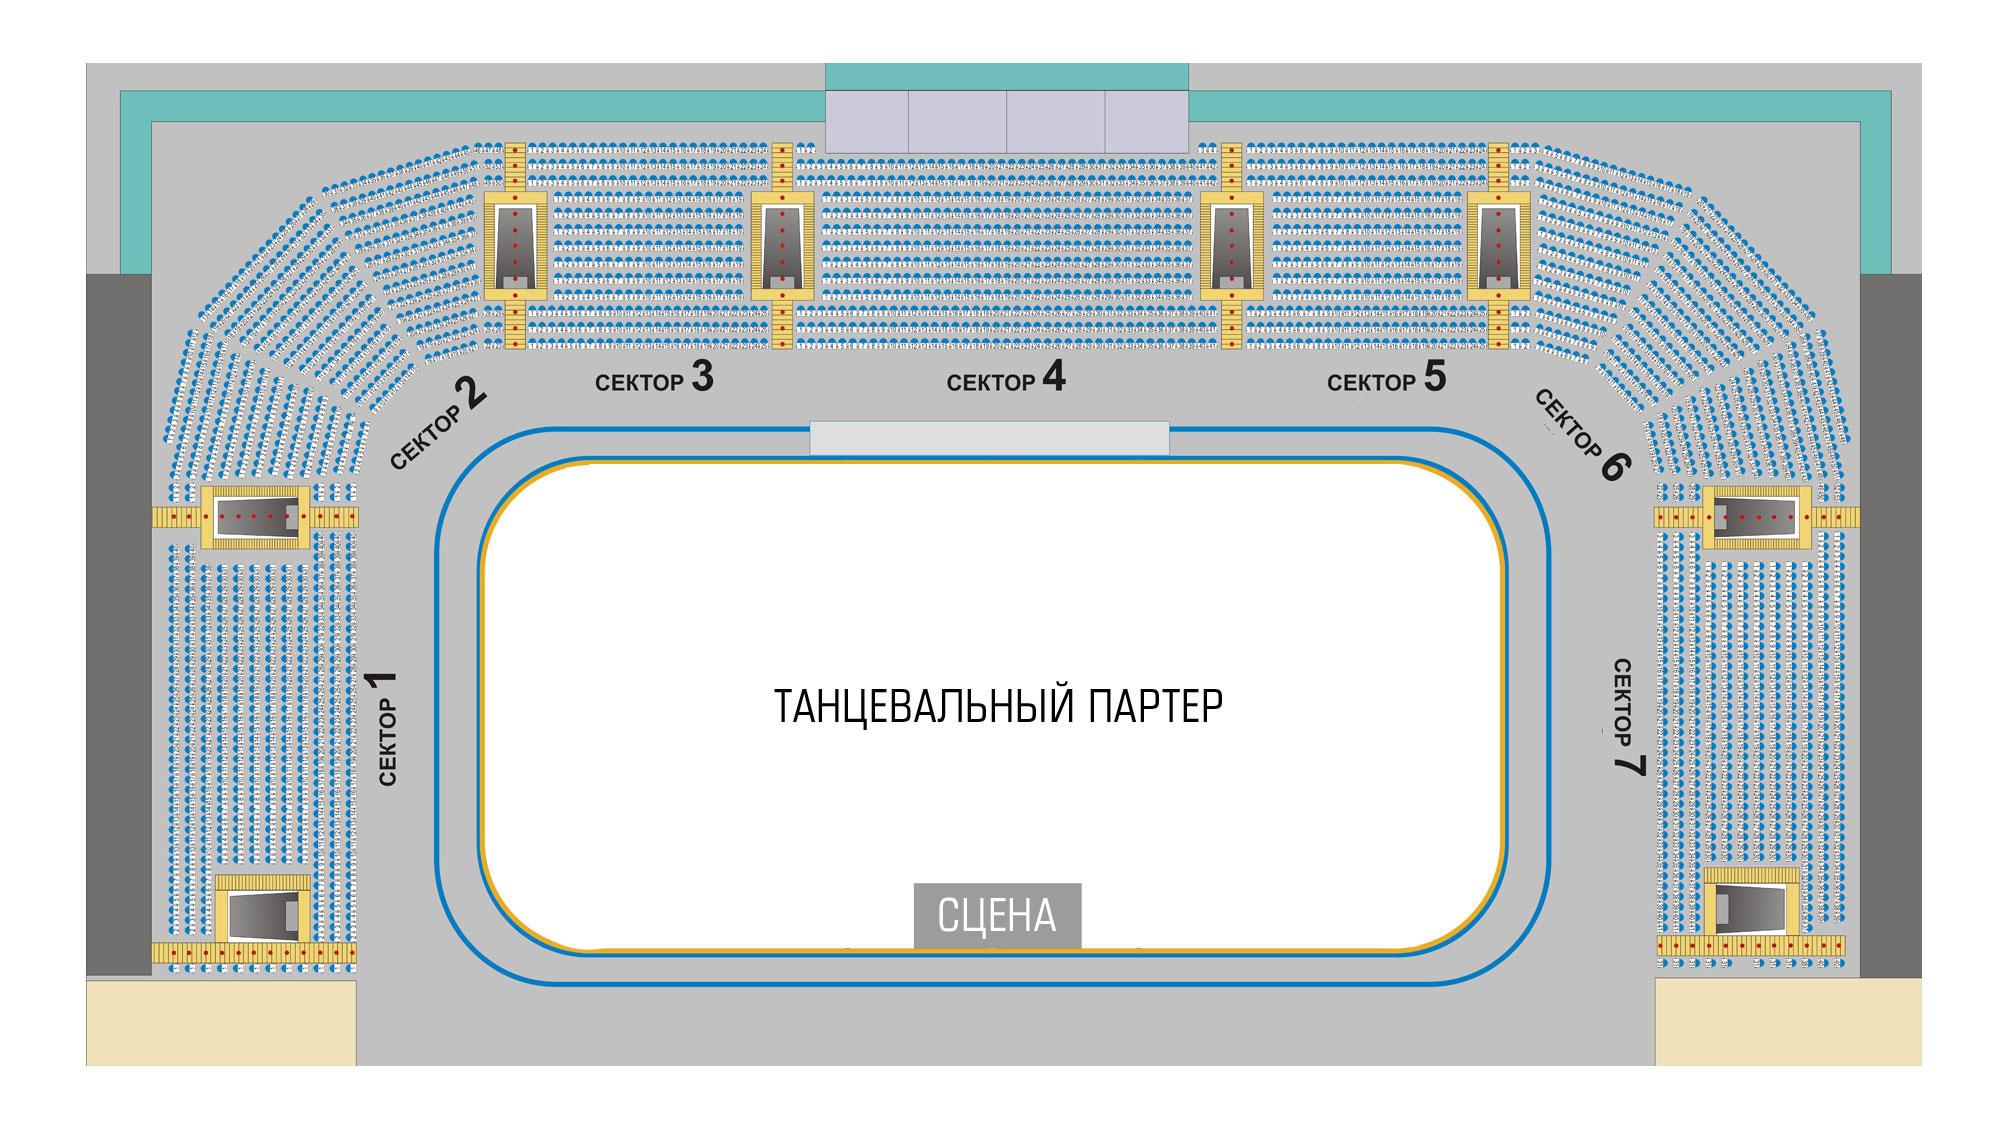 """Схема зала ДС """"Олимпийский"""" (Рязань)"""